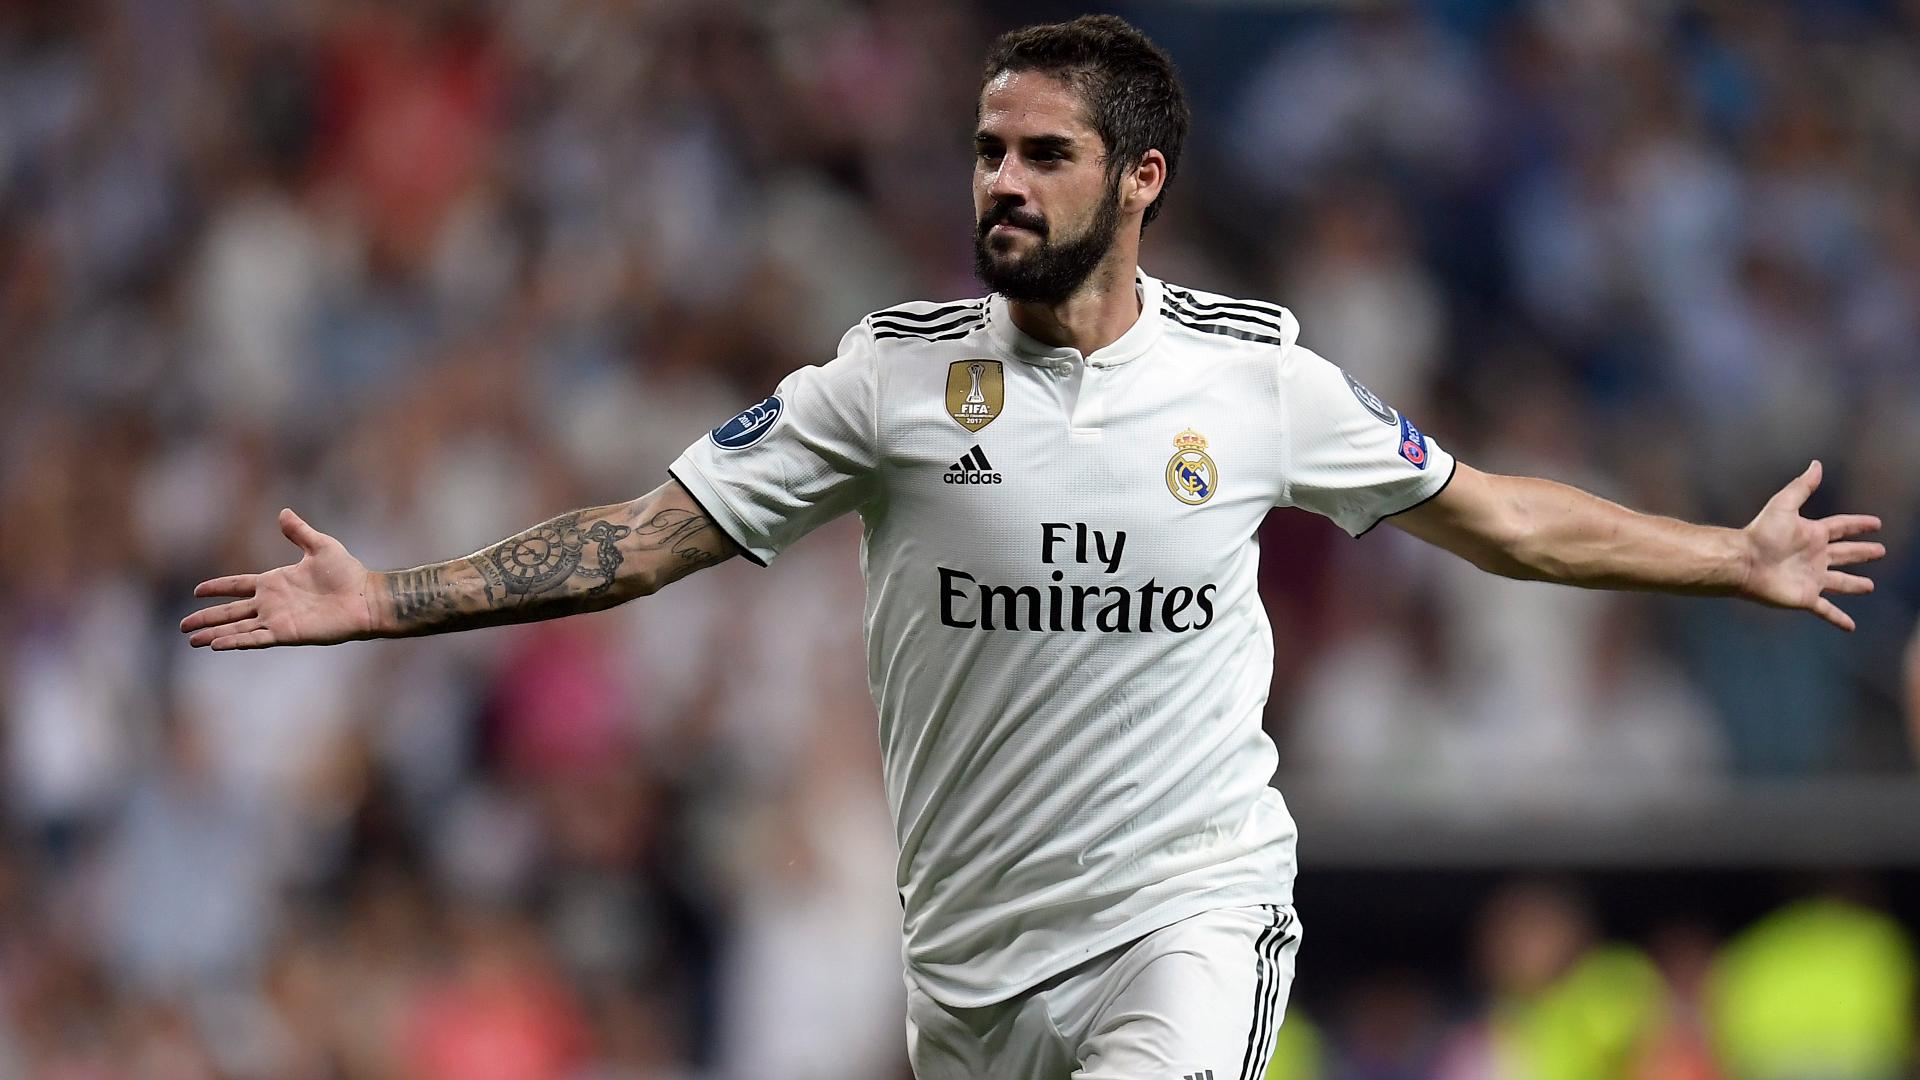 La Liga: Mallorca vs Real Madrid Preview